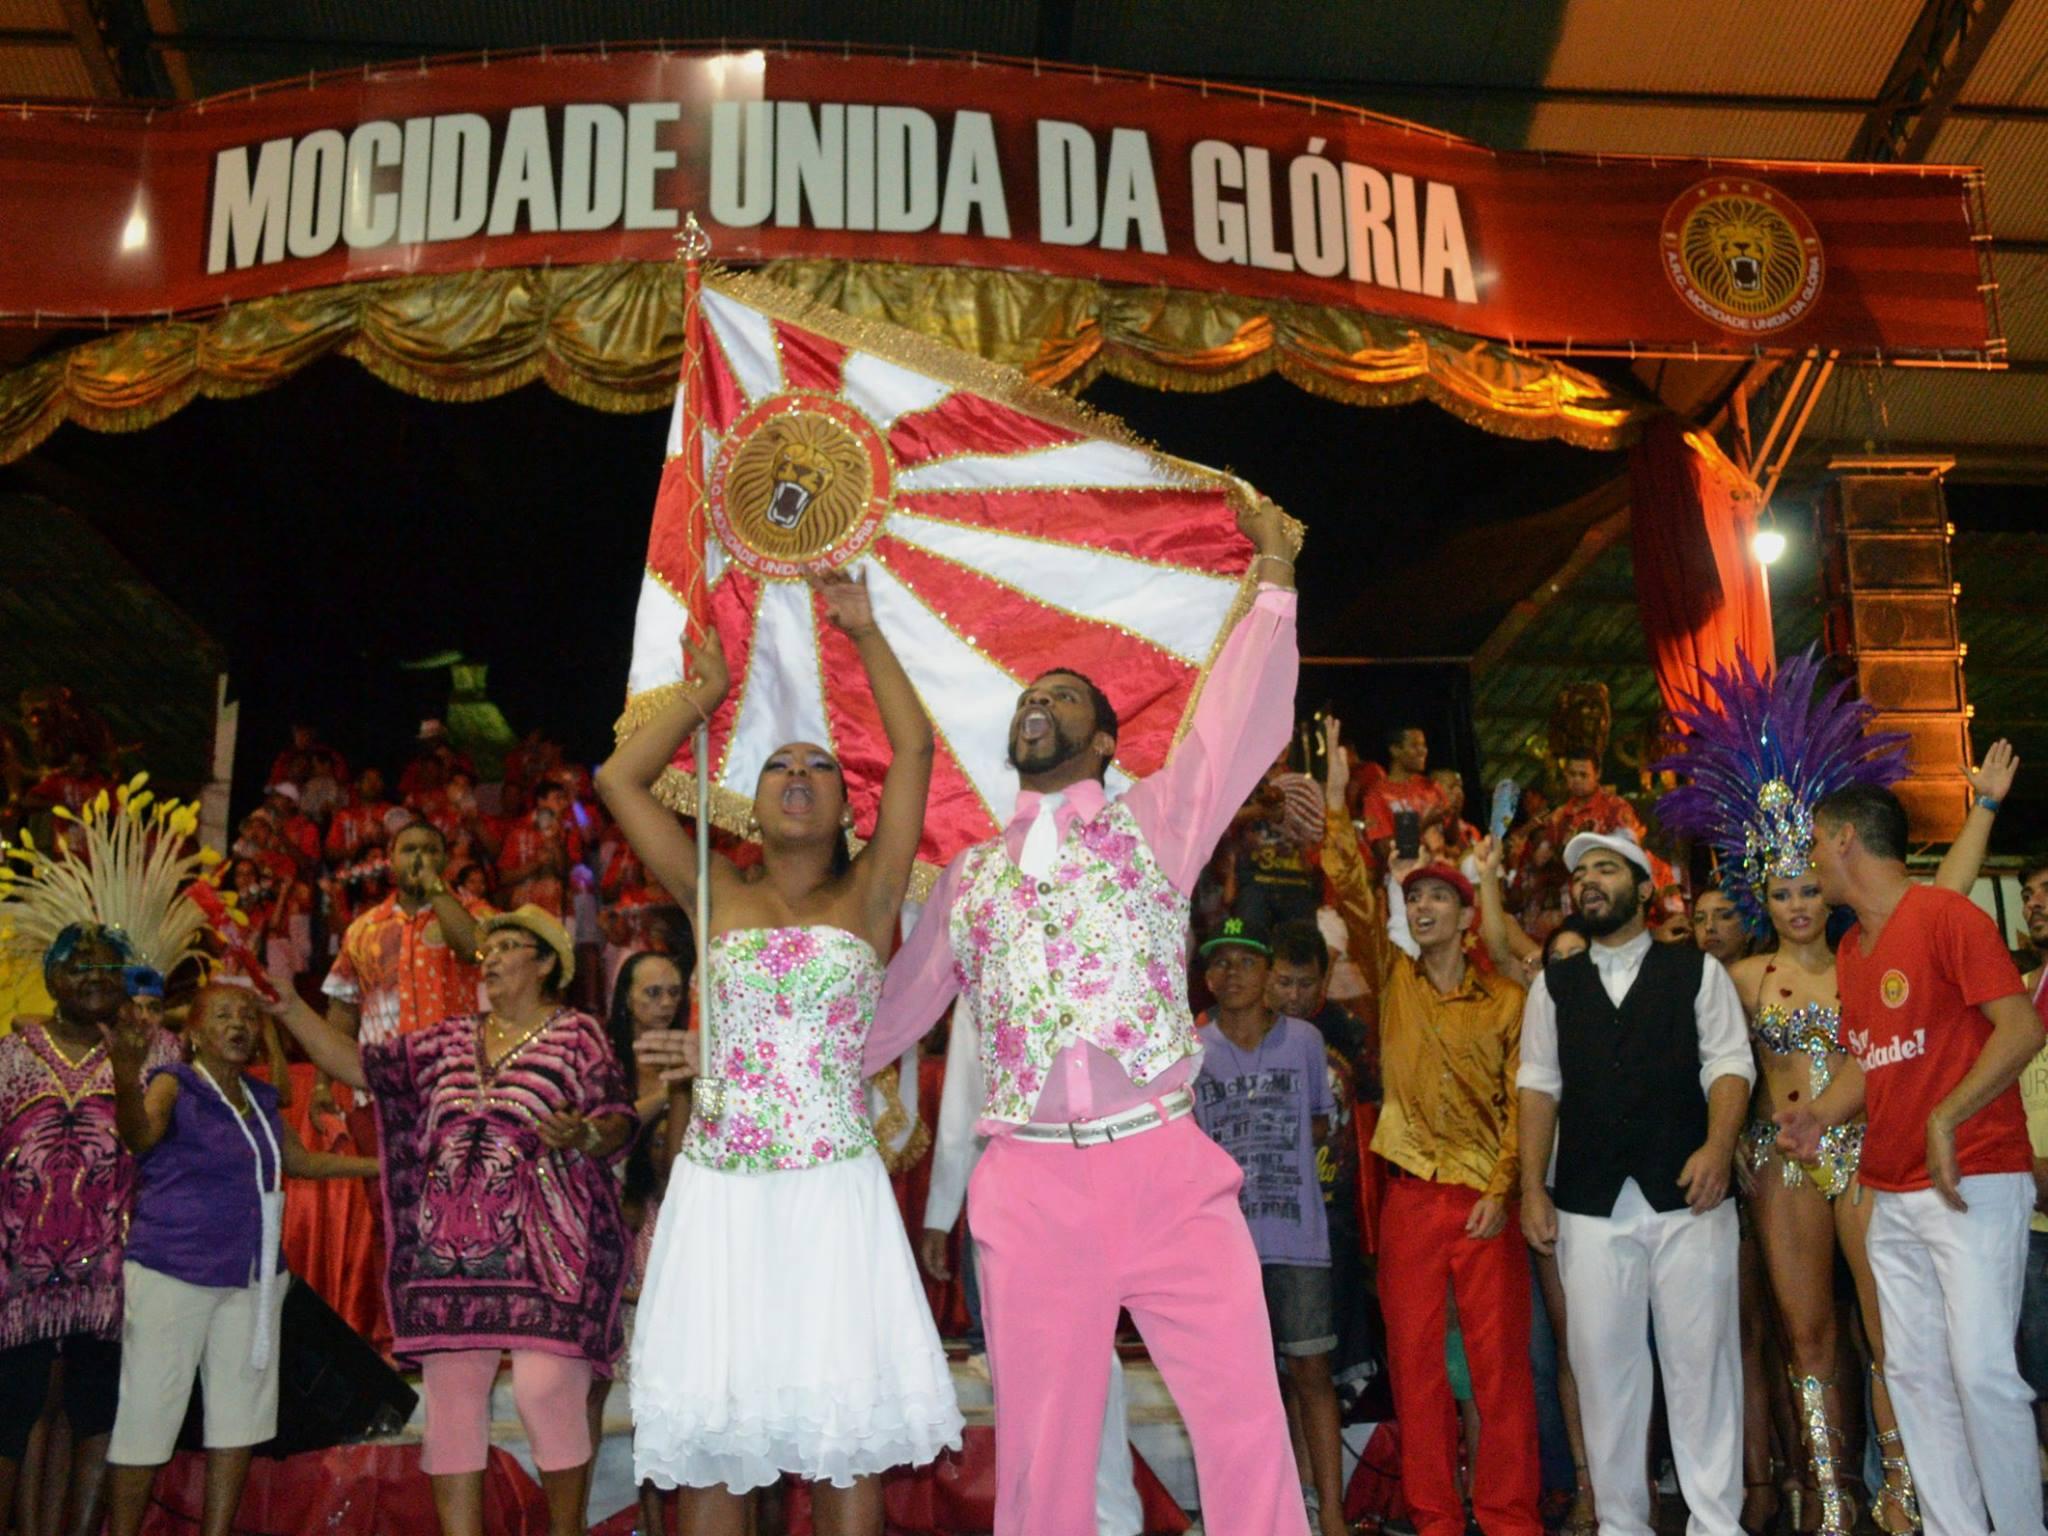 MUG larga para carnaval com show de Arlindo Cruz